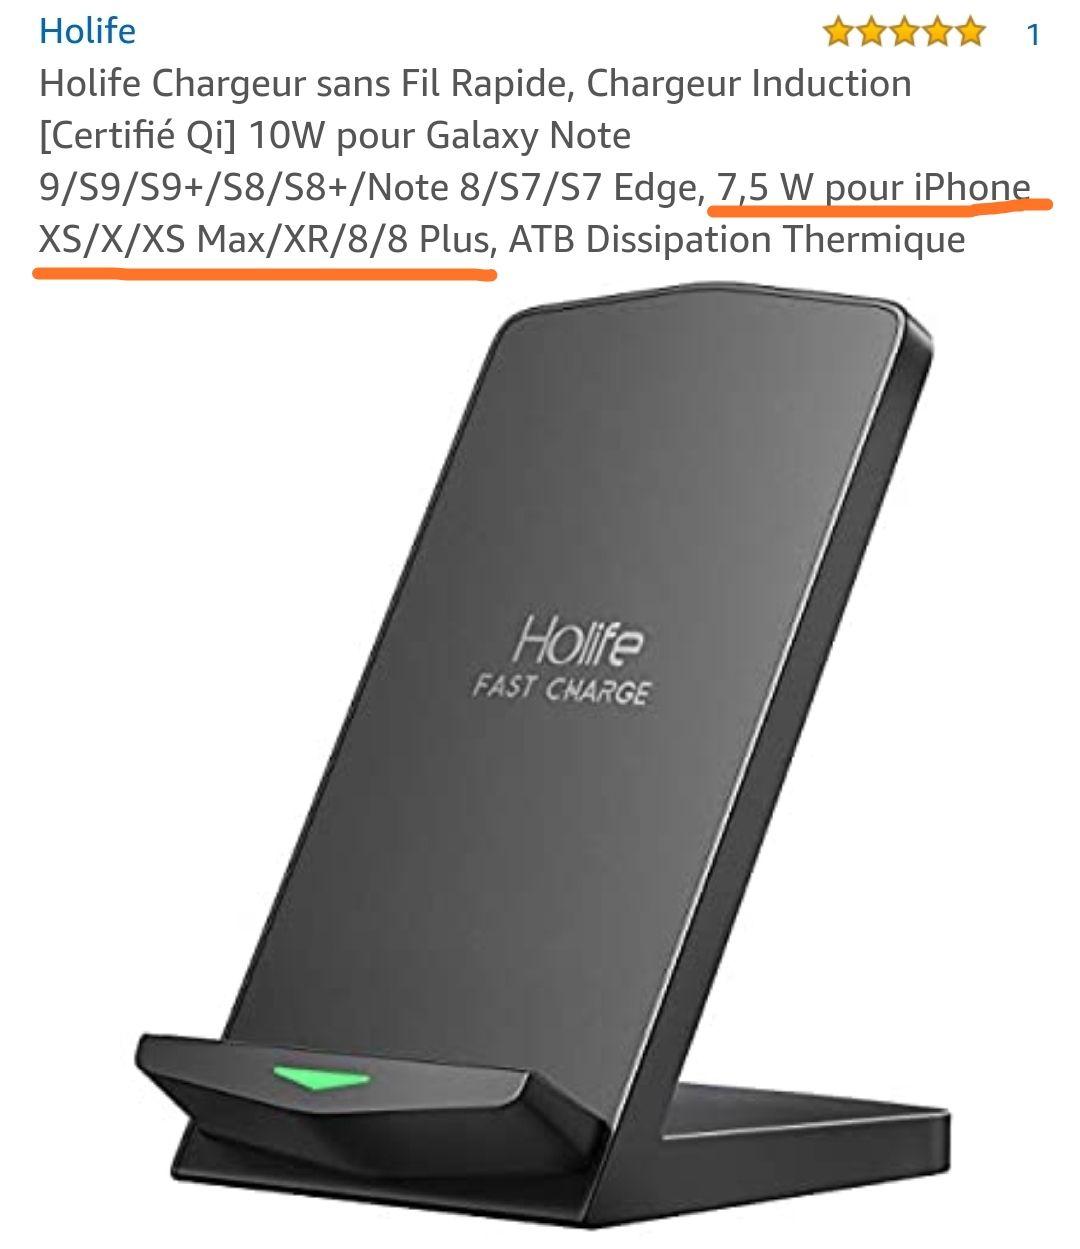 Qi Chargeur sans Fil Rapide, Holife Type C Port Chargeur